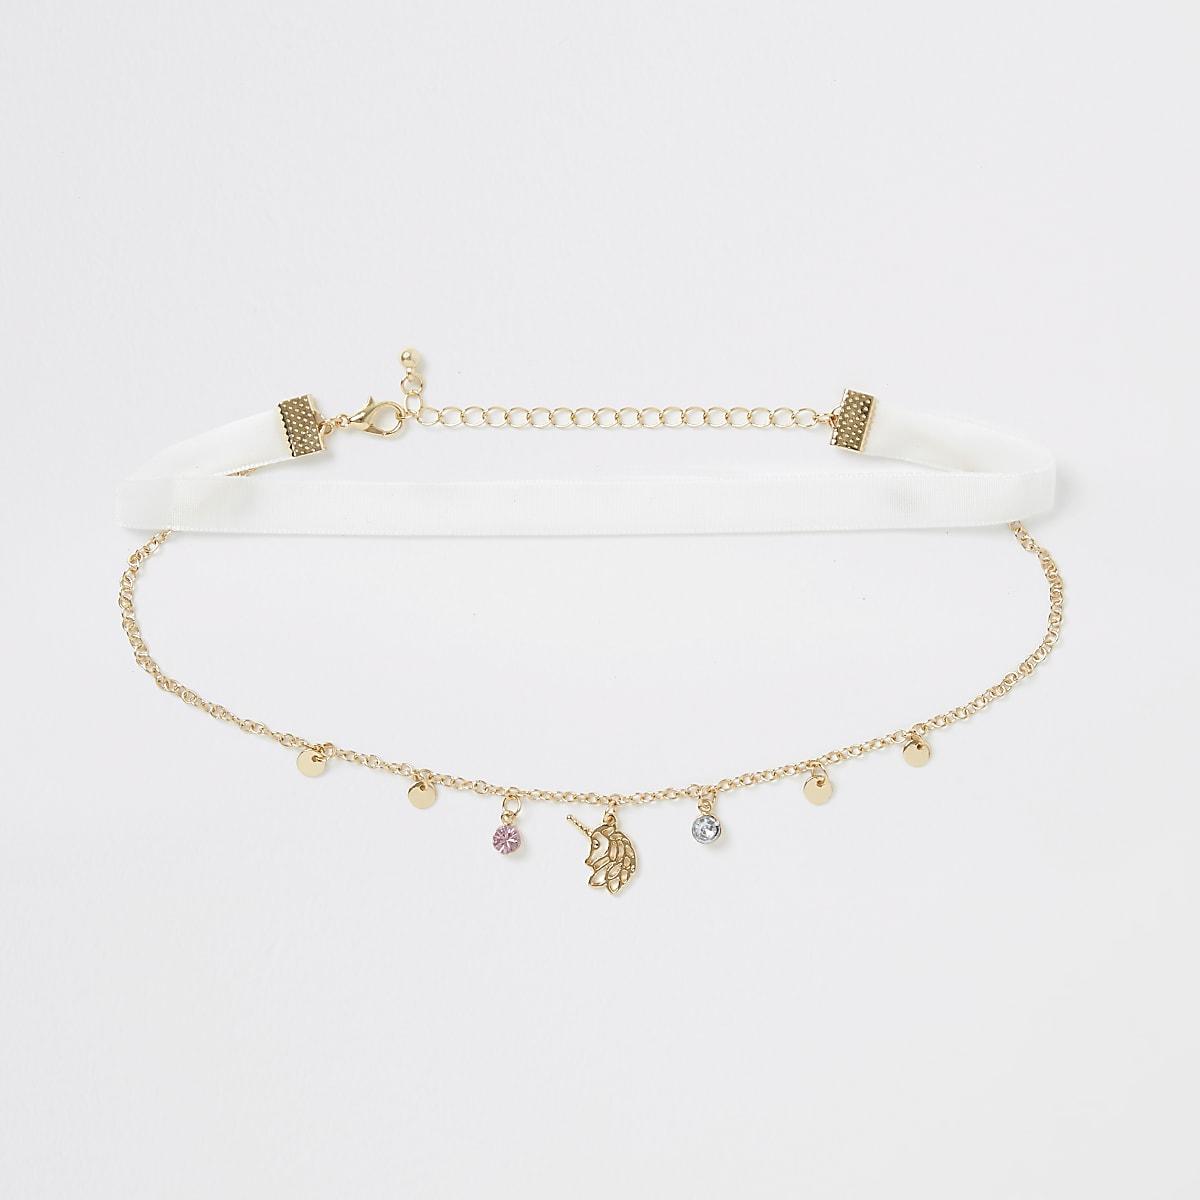 Collier ras-de-cou doré motif licorne pour fille